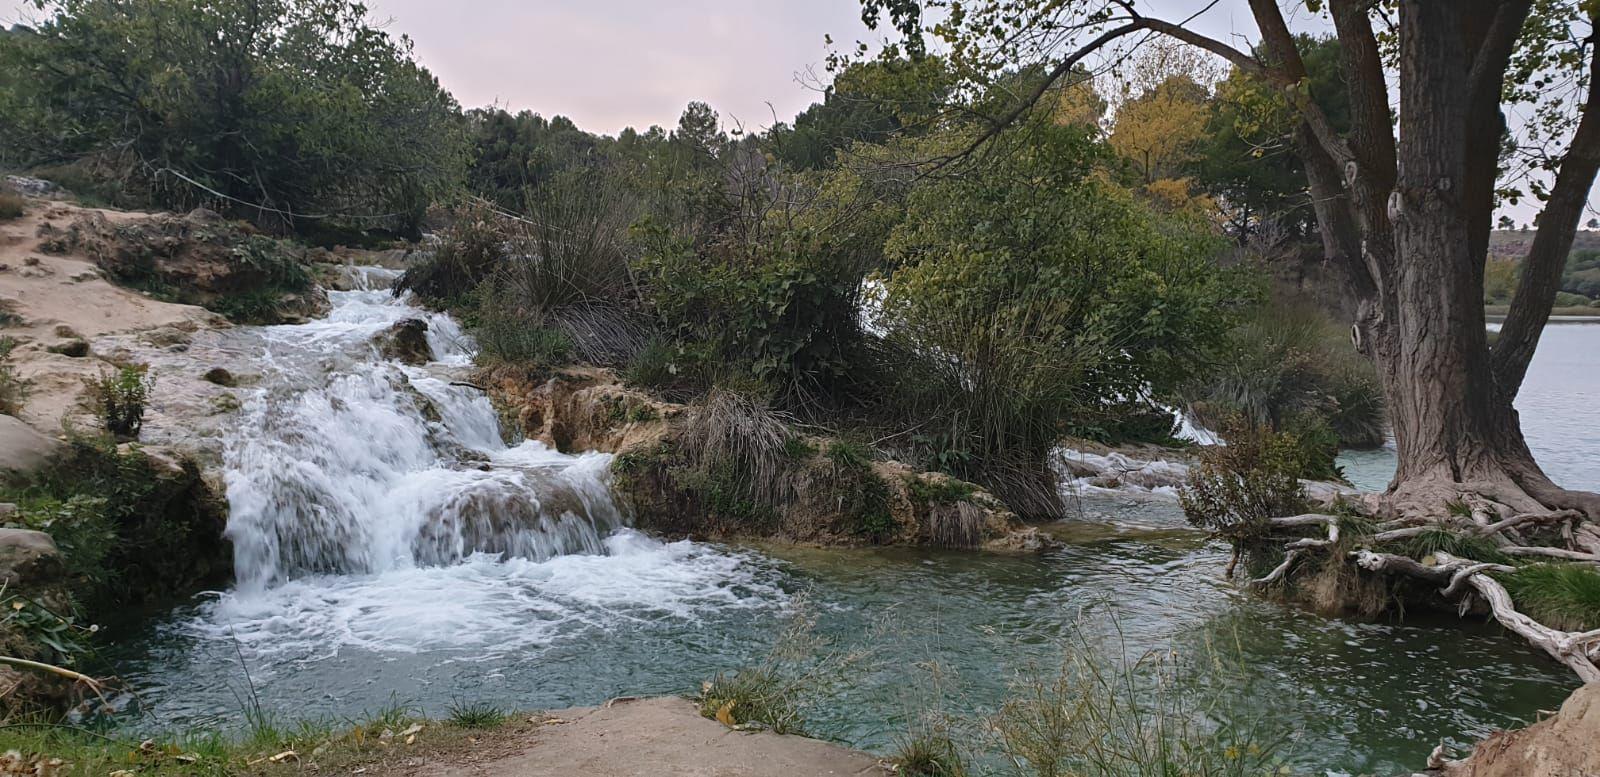 Lagunas De Ruidera Te Esperamos En Luz De Alba Para Que Disfrutes De Este Paraíso Terrenal Paraiso Terrenal Paraiso Alba